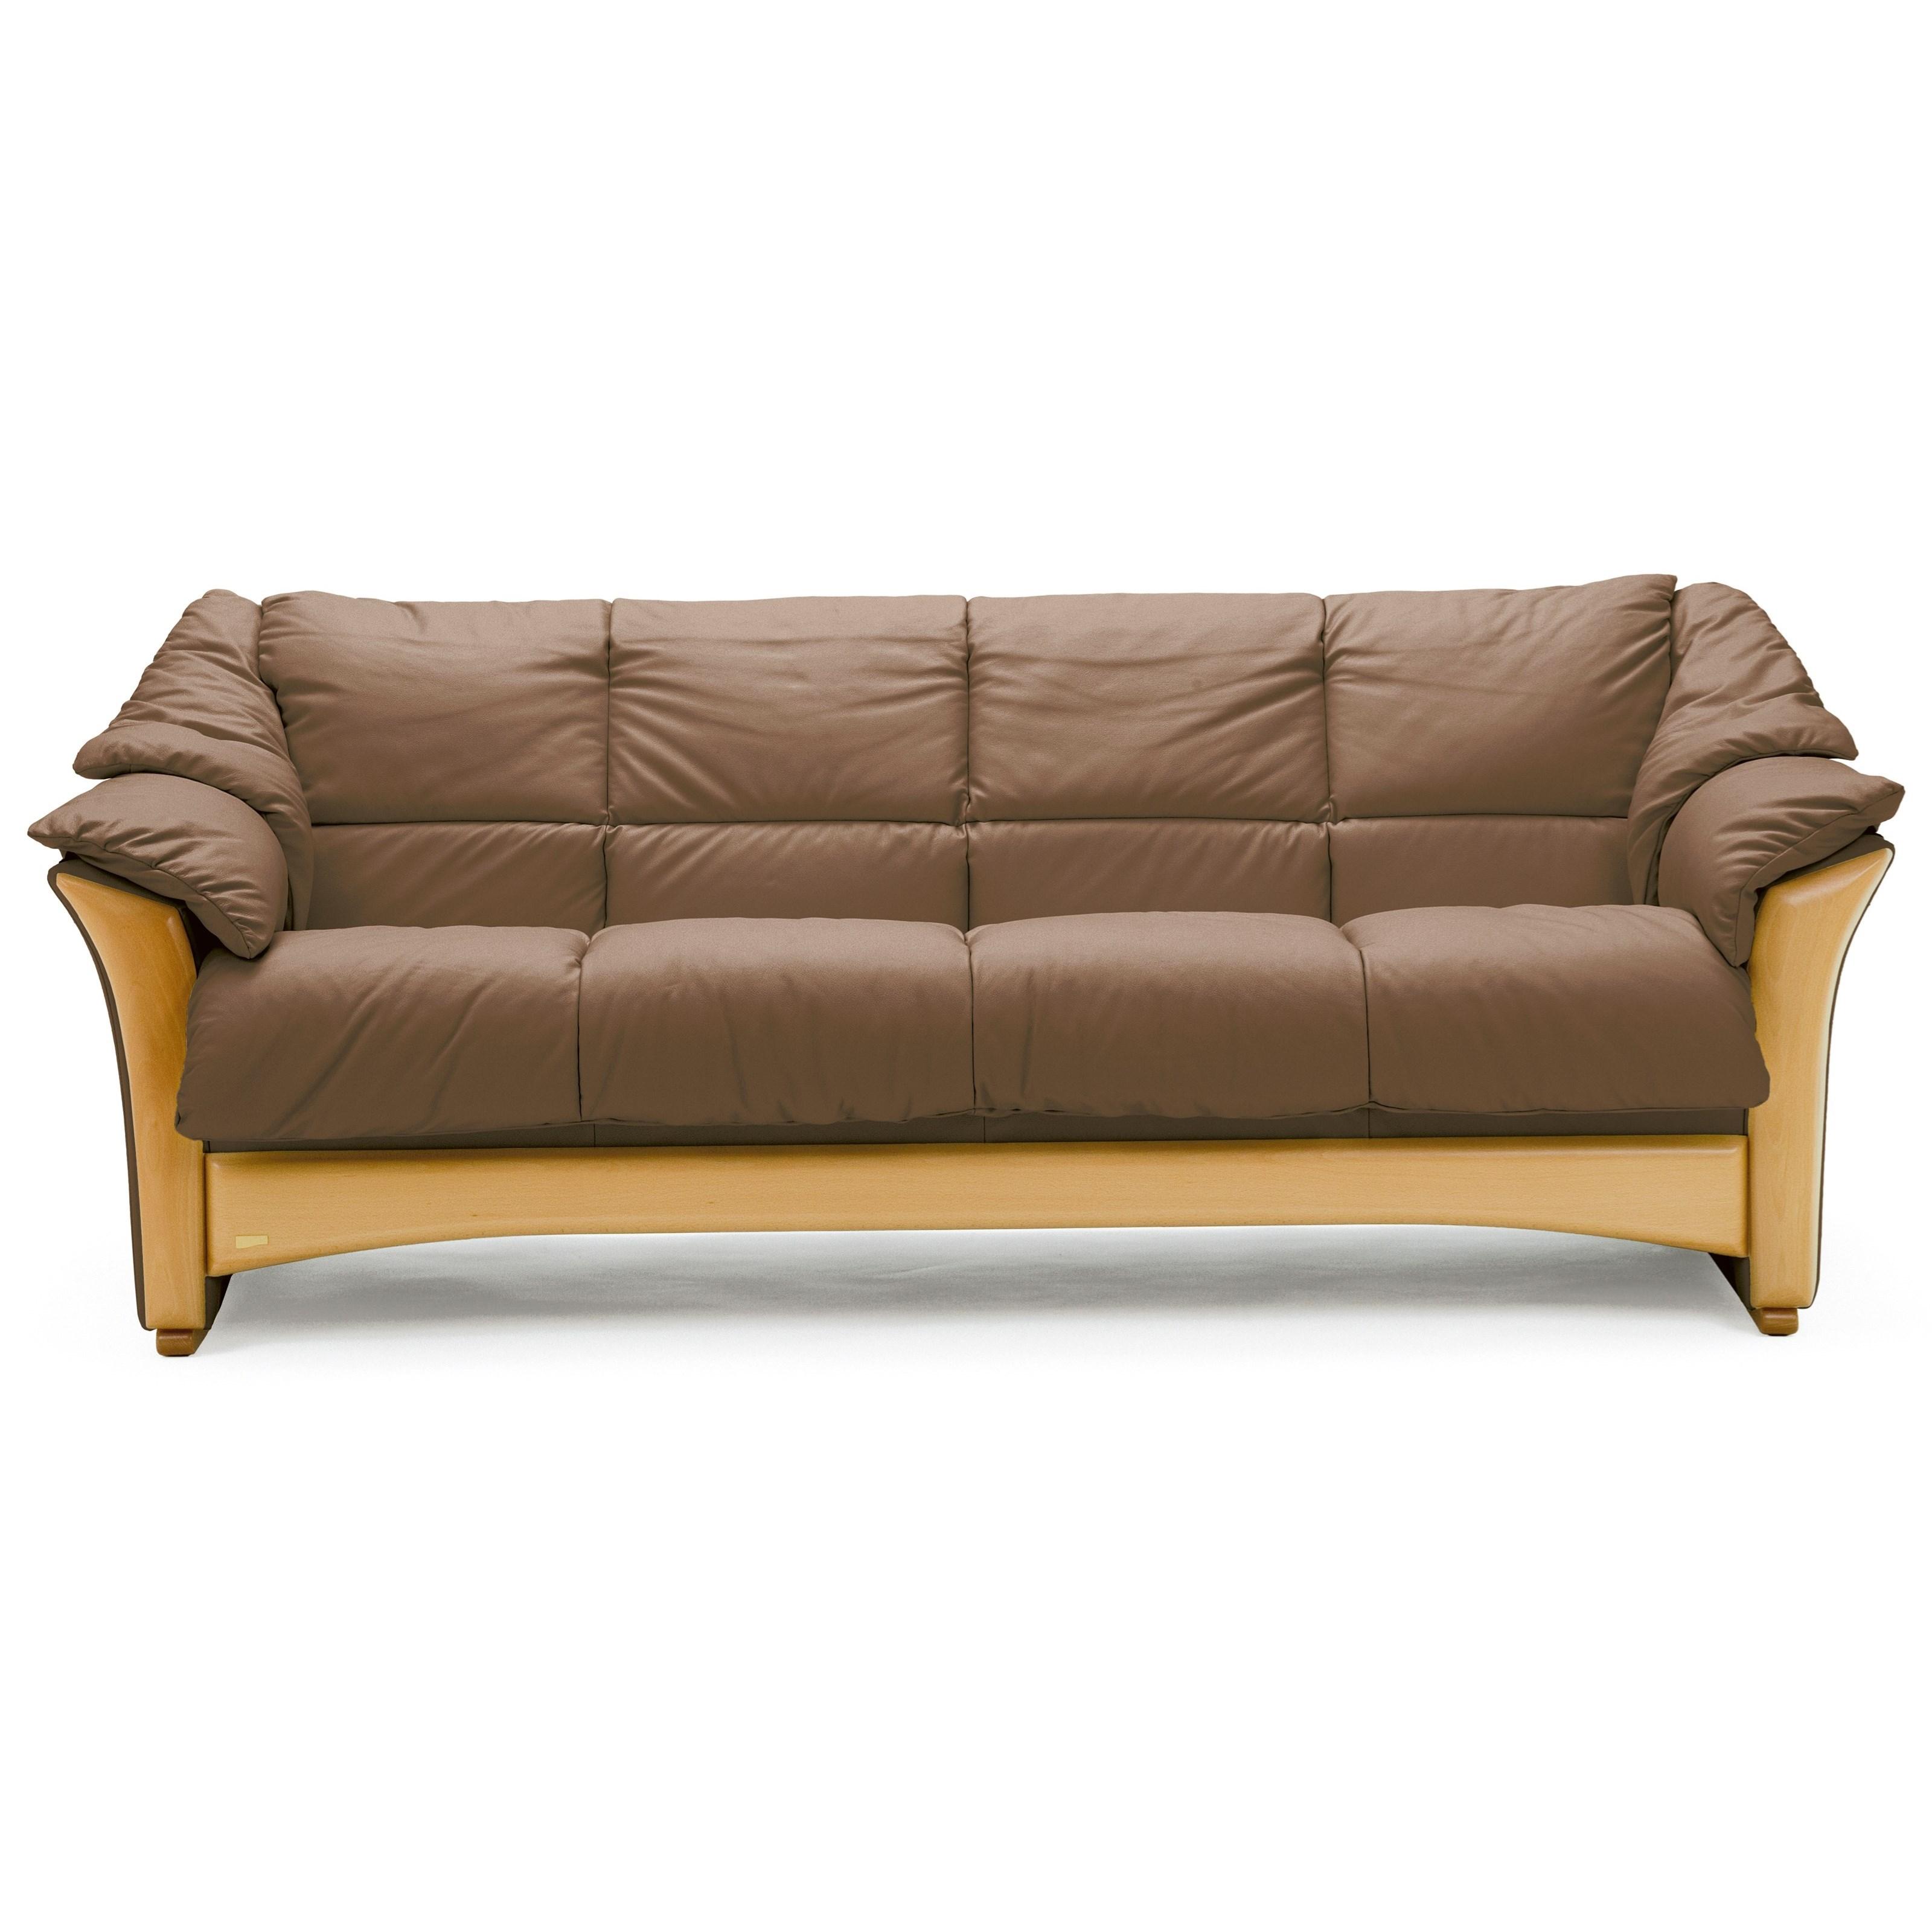 4 Cushion Sofa